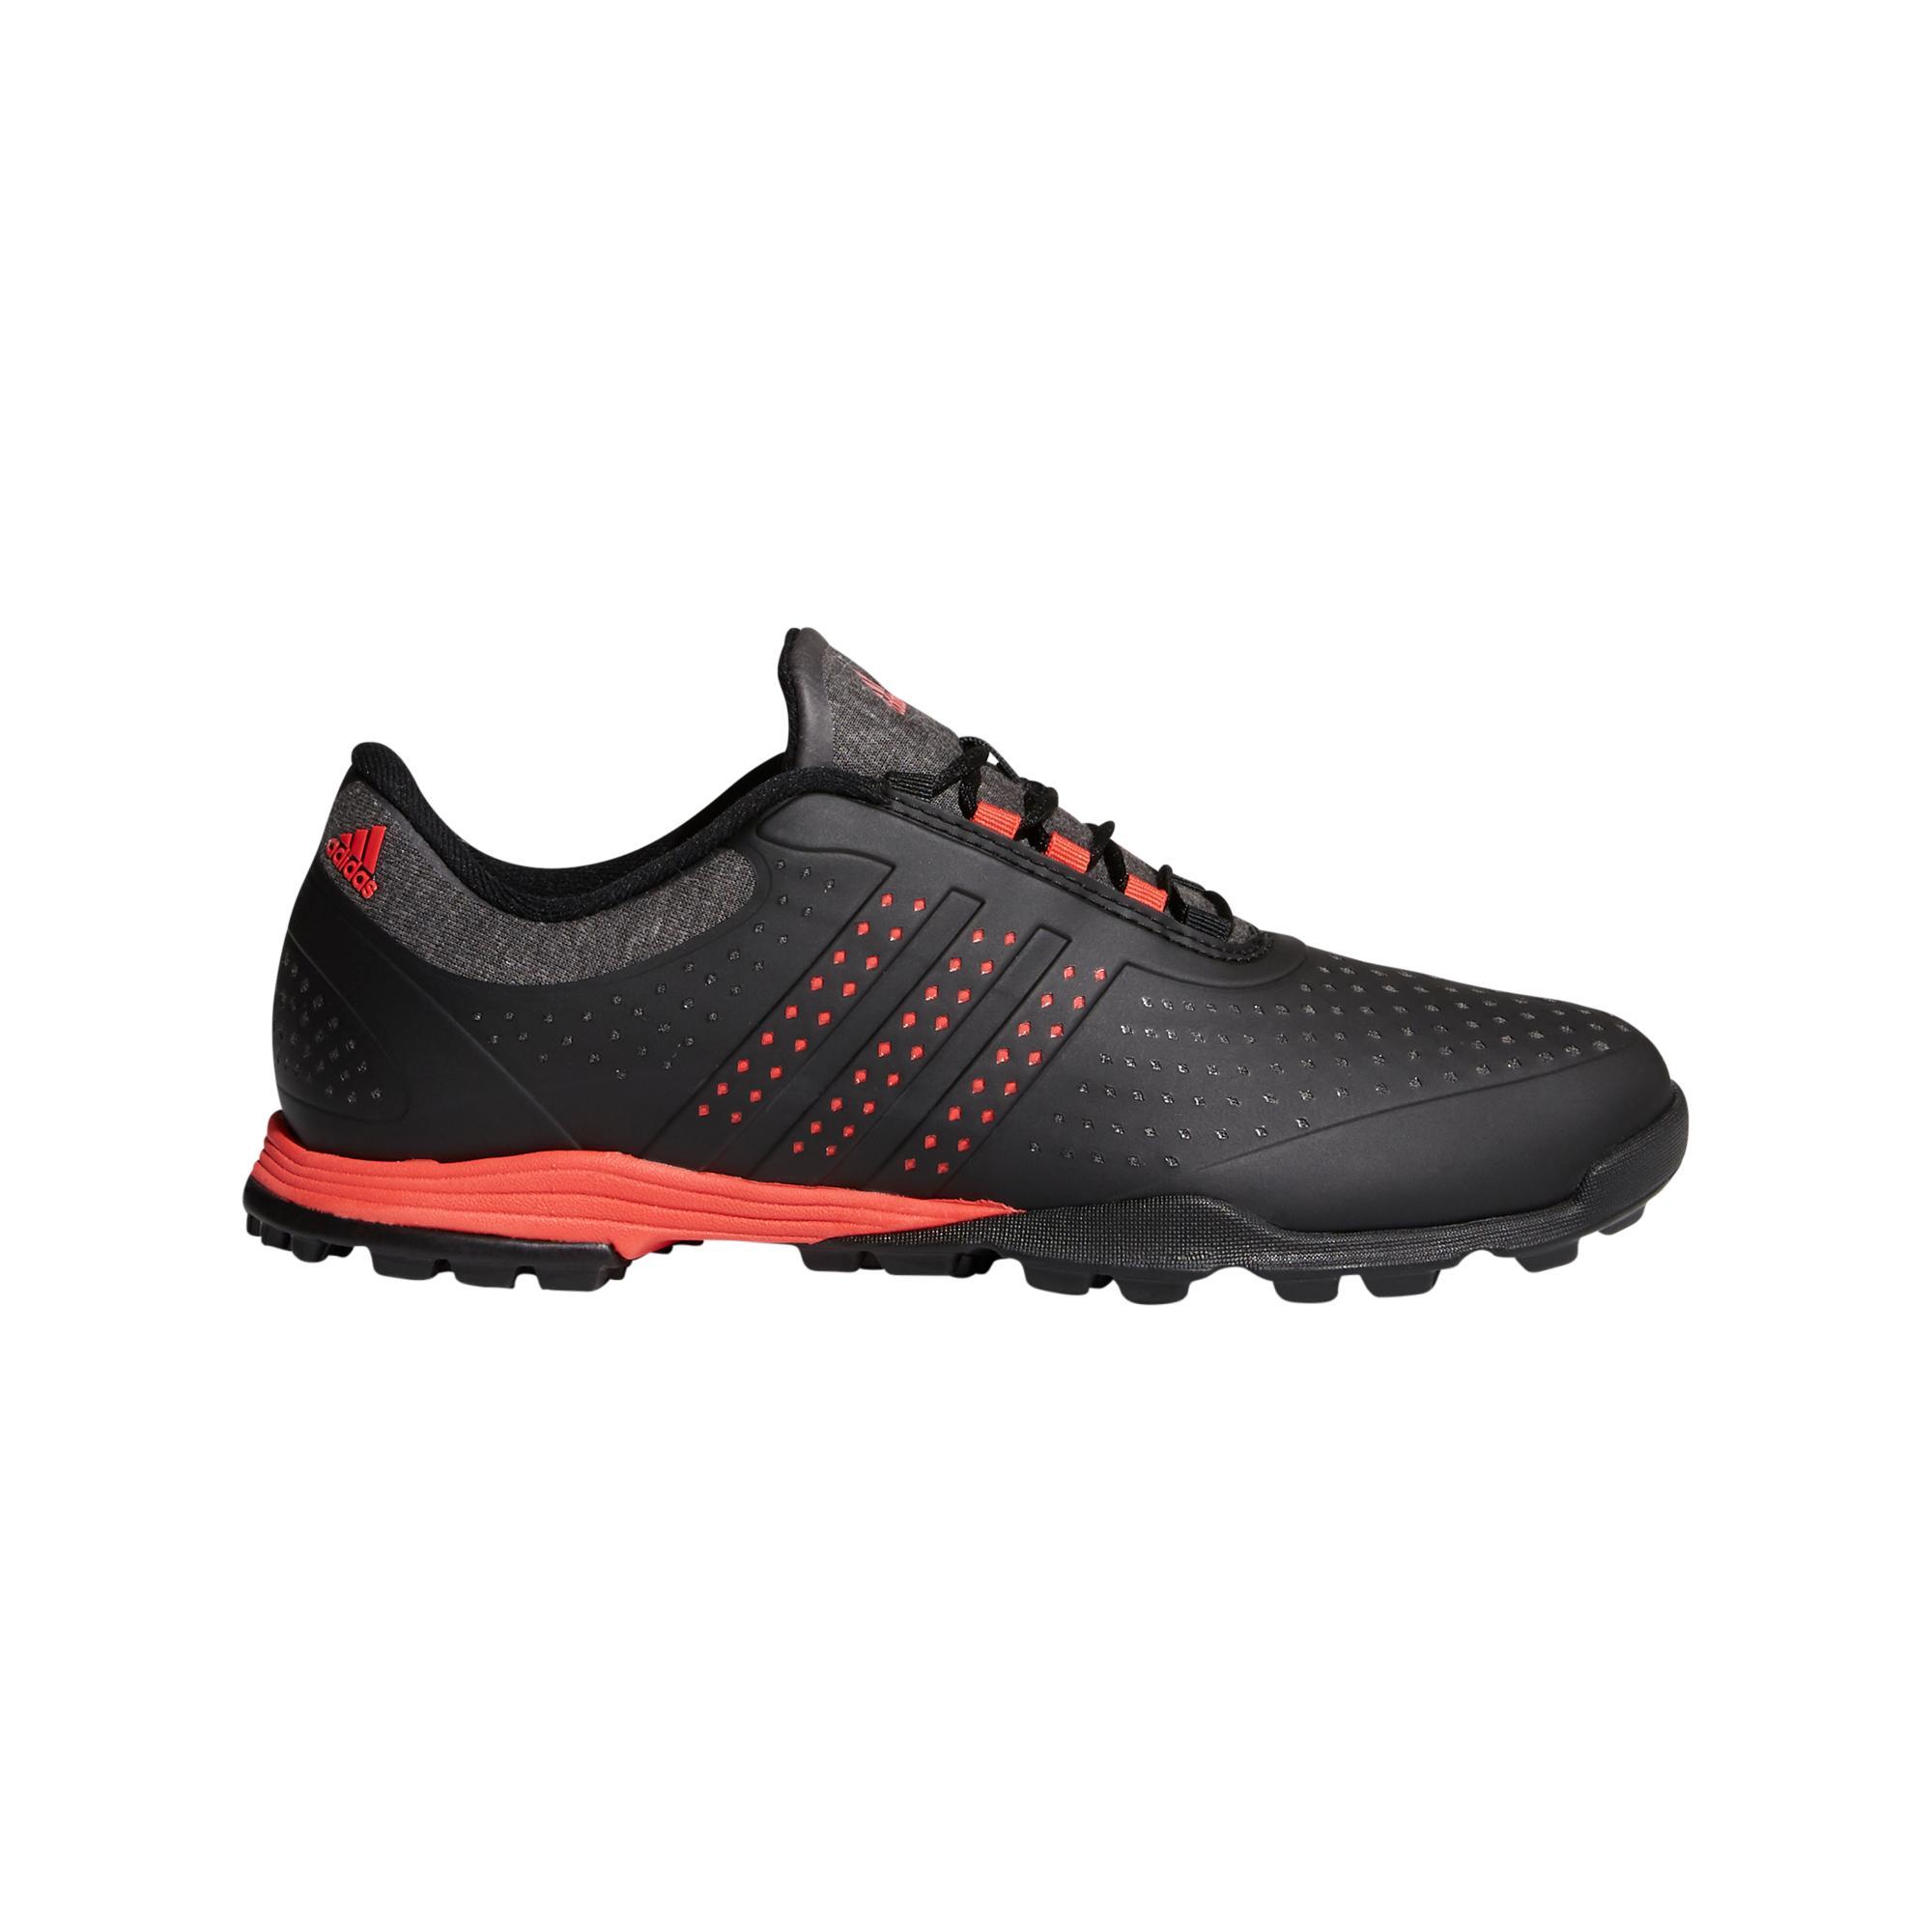 Women's Adipure Sport Spikeless Golf Shoe - BLK/CRL